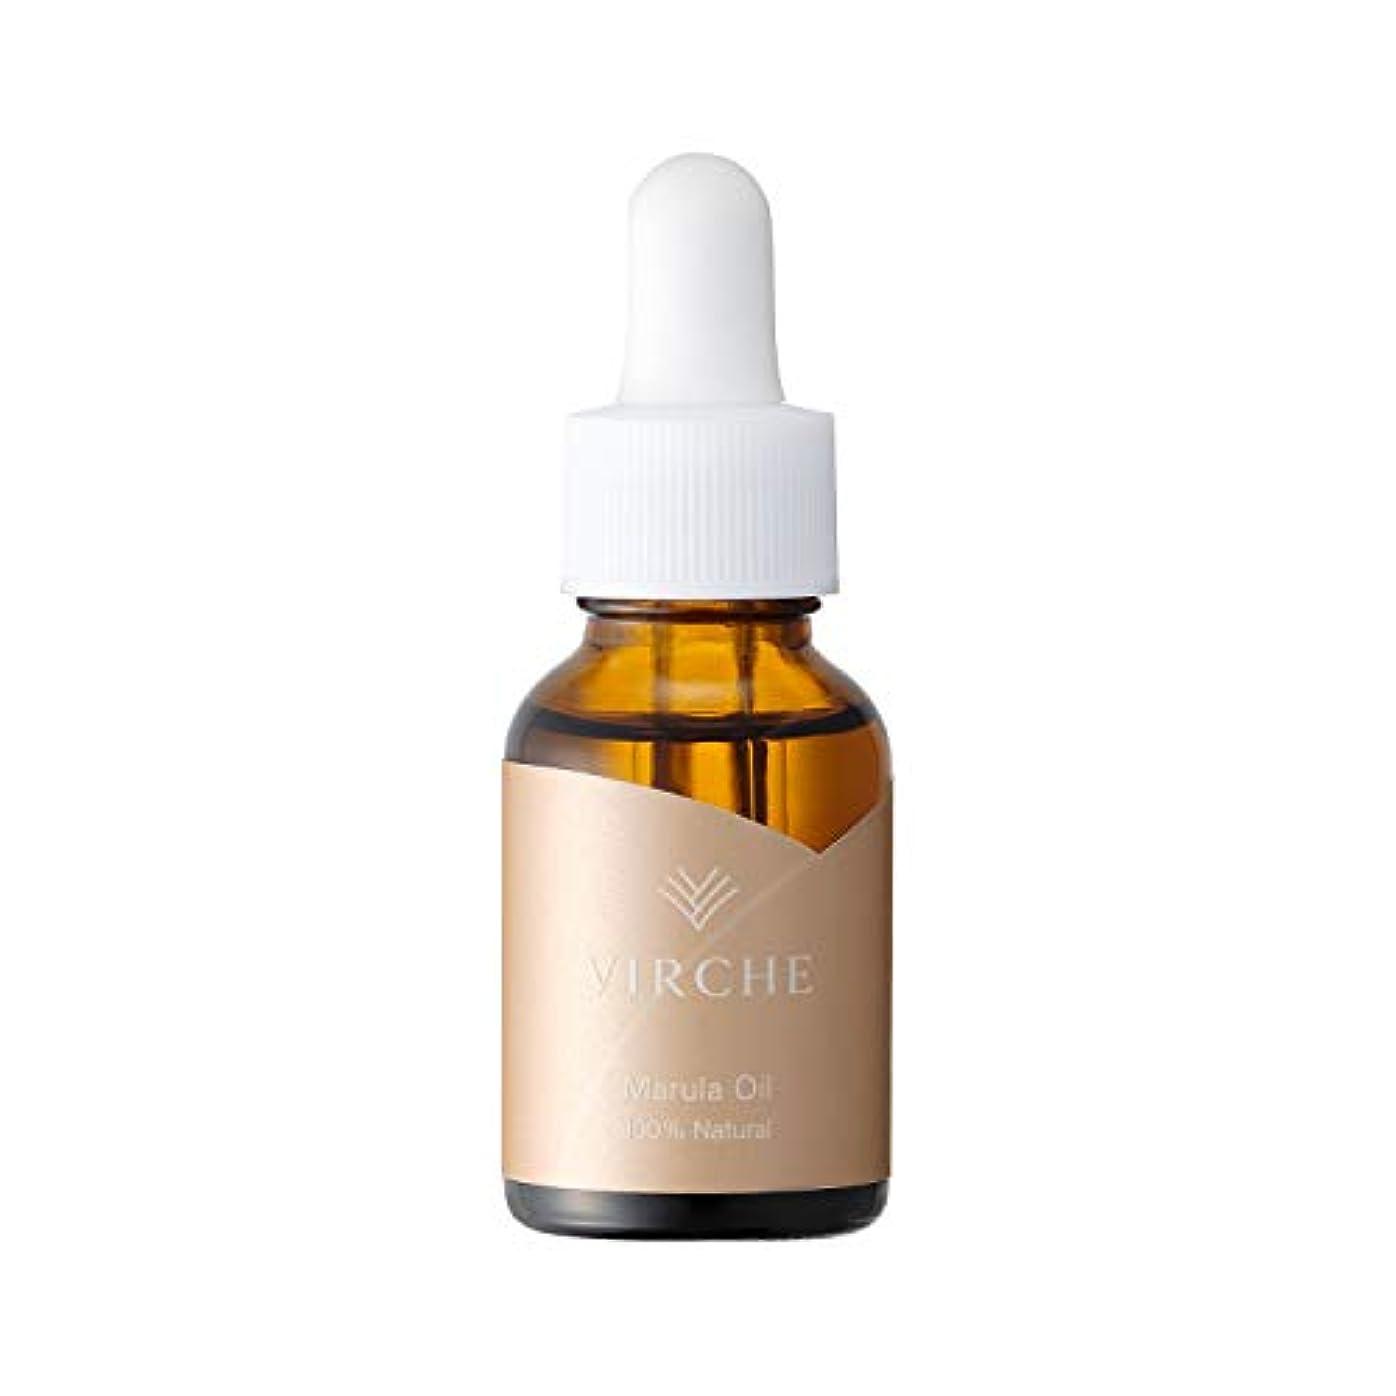 押すトレイ遺体安置所マルラオイル(Marula Oil)国内で品質管理/無香料/防腐剤、香料、着色料すべて無添加の美容オイル/18ml(髪など全身に使えて約30日分)